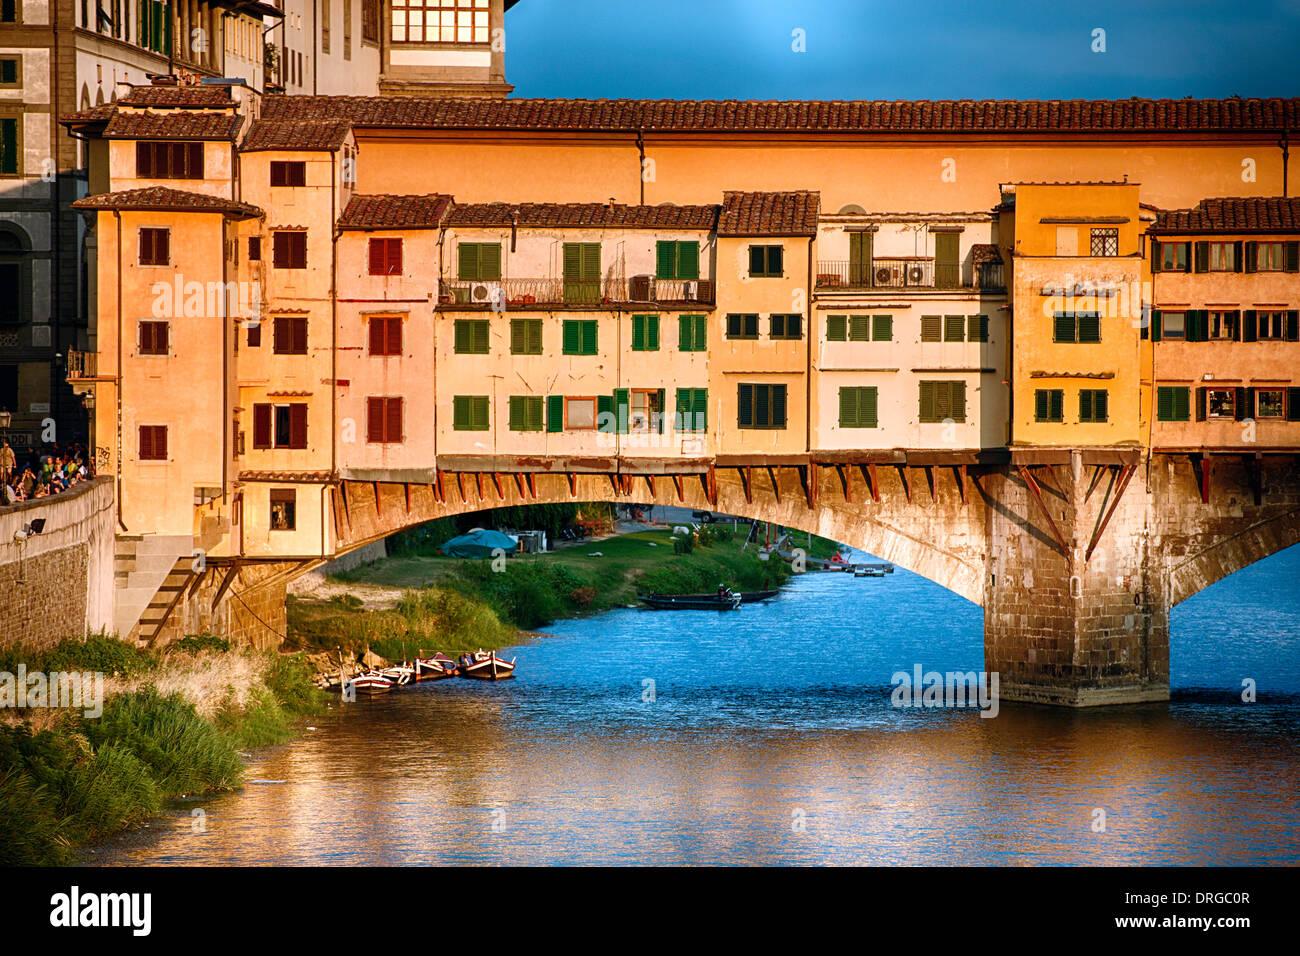 Vista ravvicinata del Ponte Vecchio sull'Arno al tramonto, Firenze, Toscana, Italia Immagini Stock